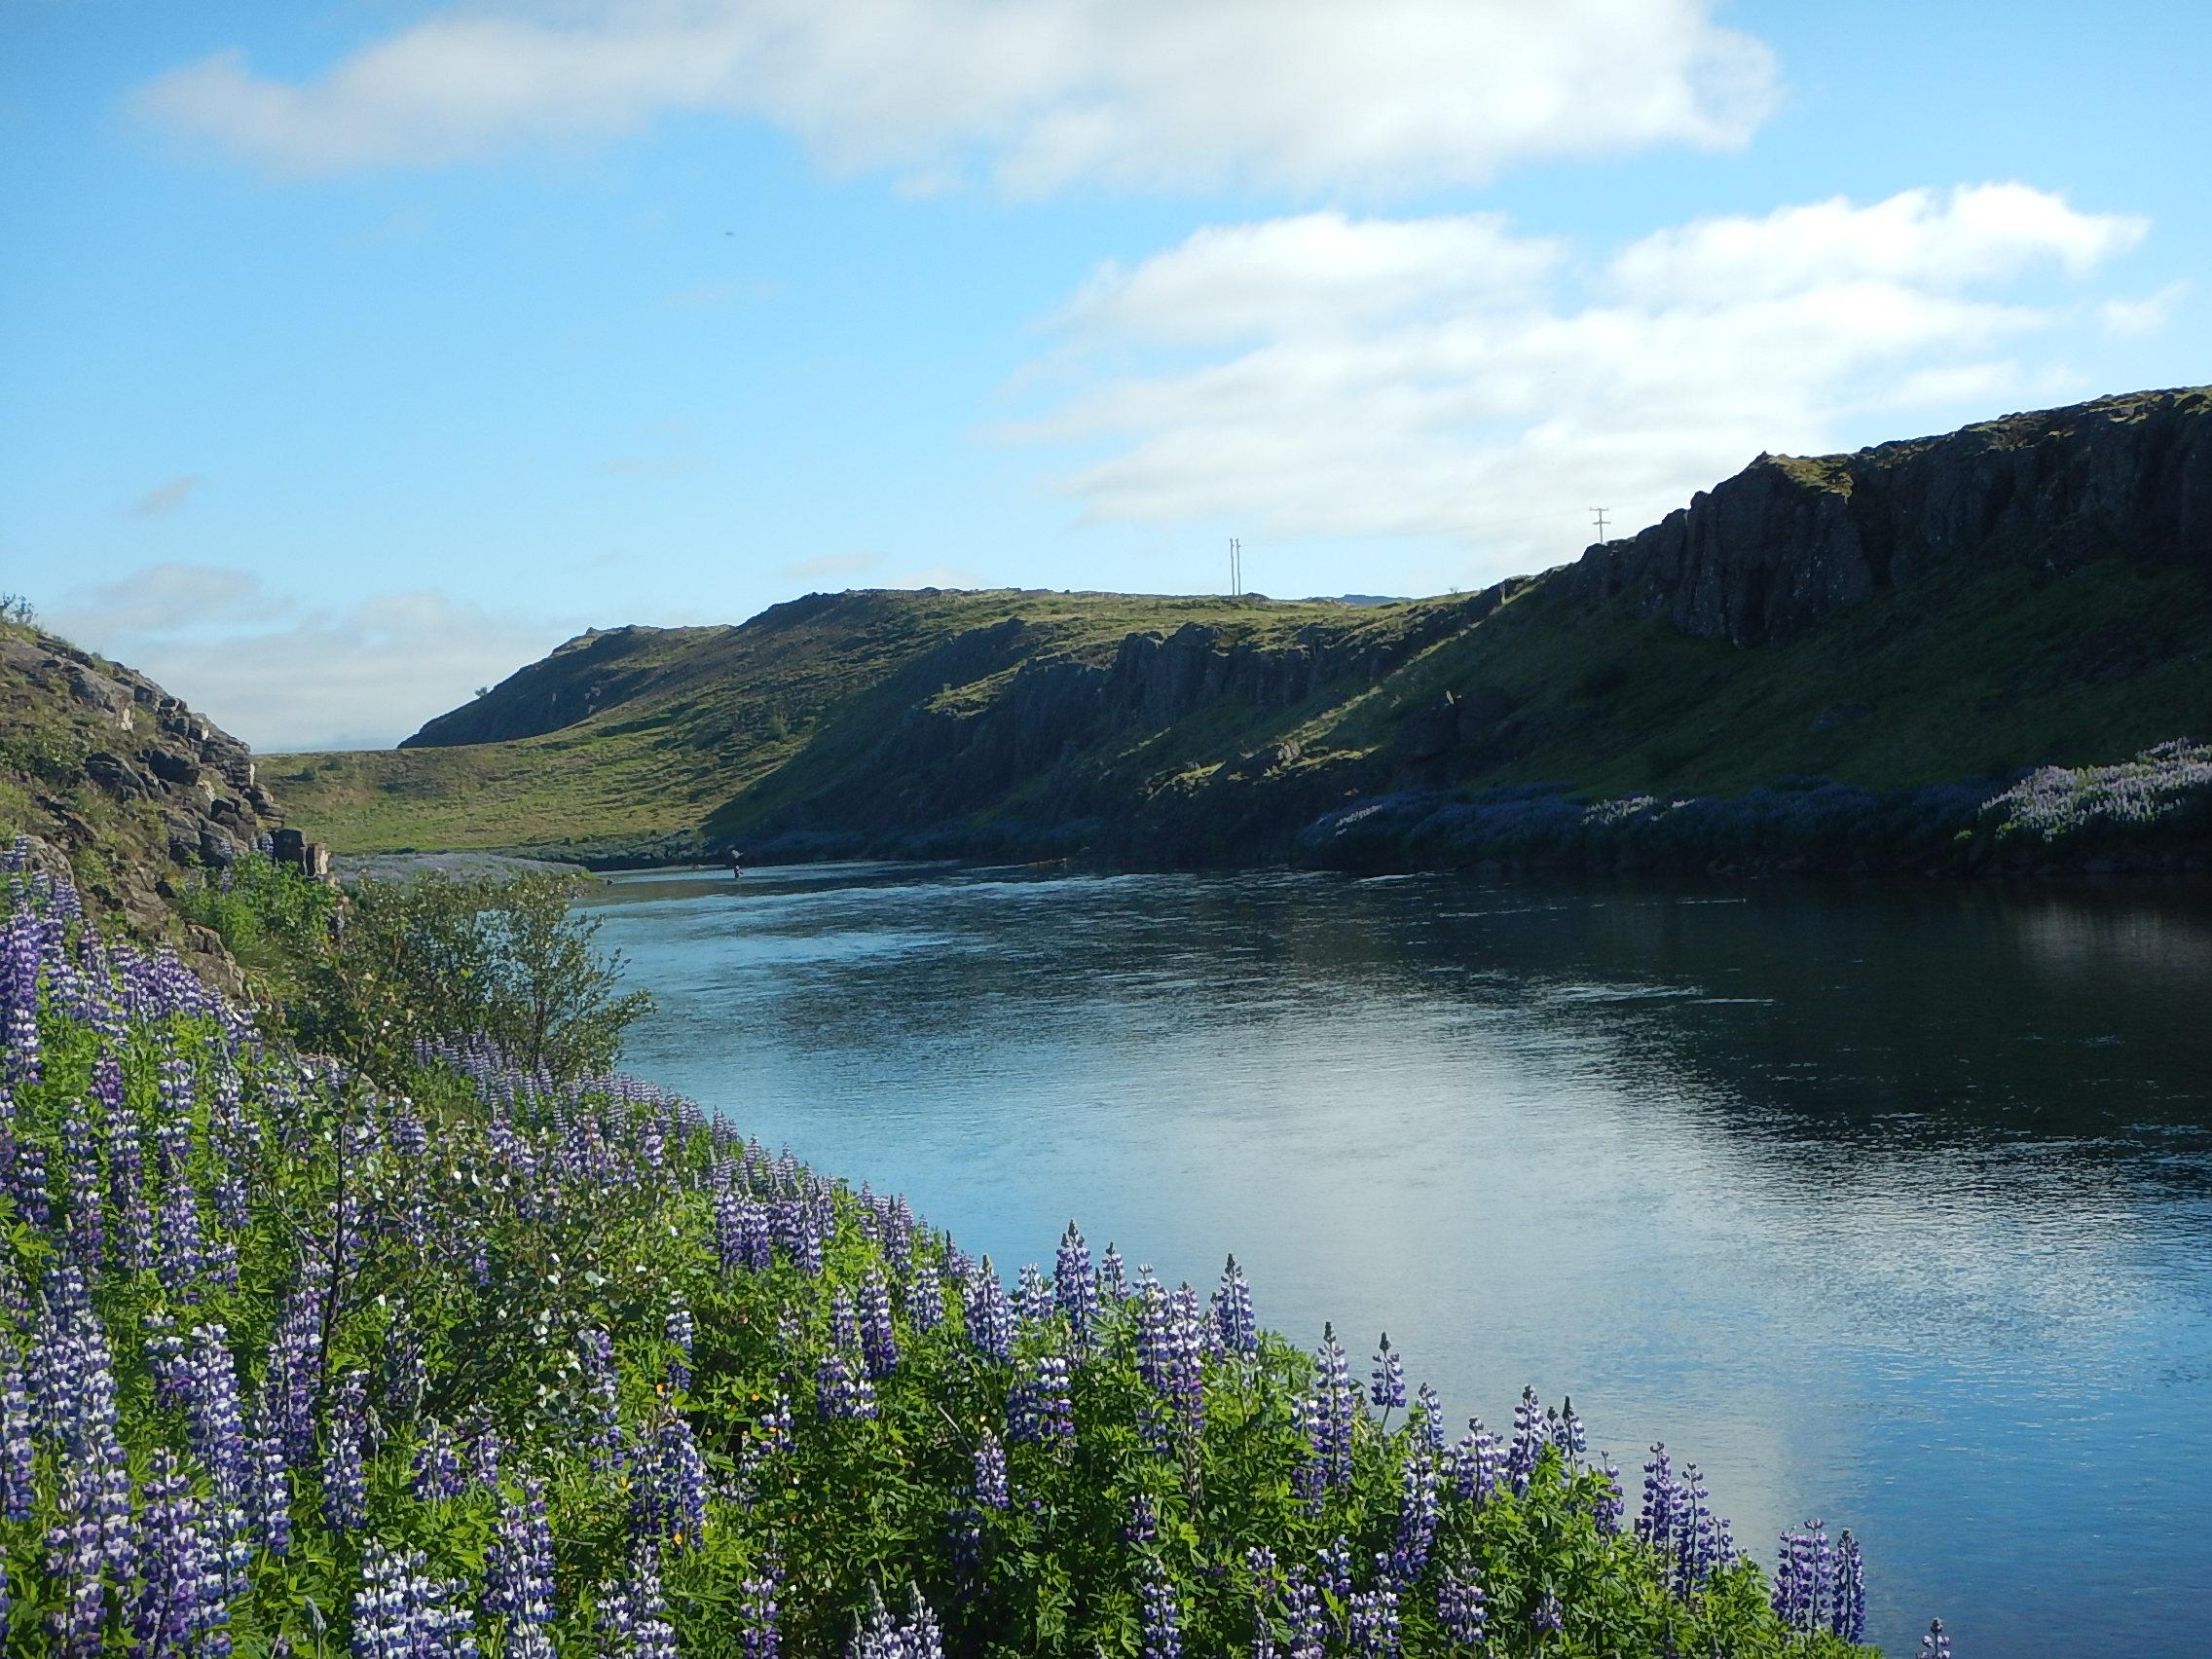 Norðurá - Kálfhylsbrotið